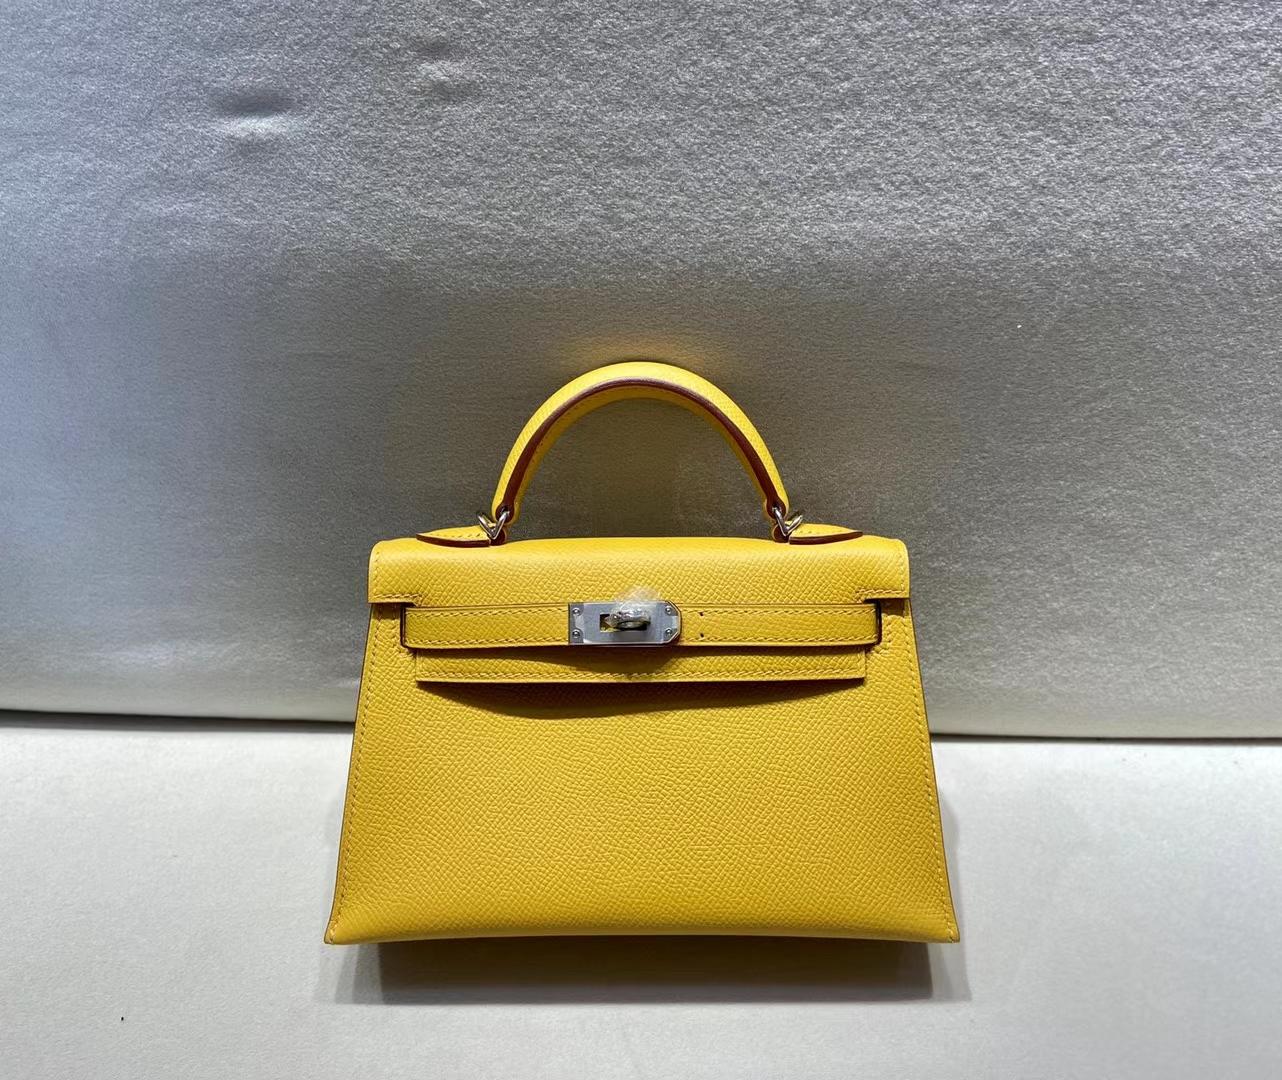 Hermès(爱马仕)miniKelly 二代 epsom 琥珀黄 银扣 顶级品质 现货